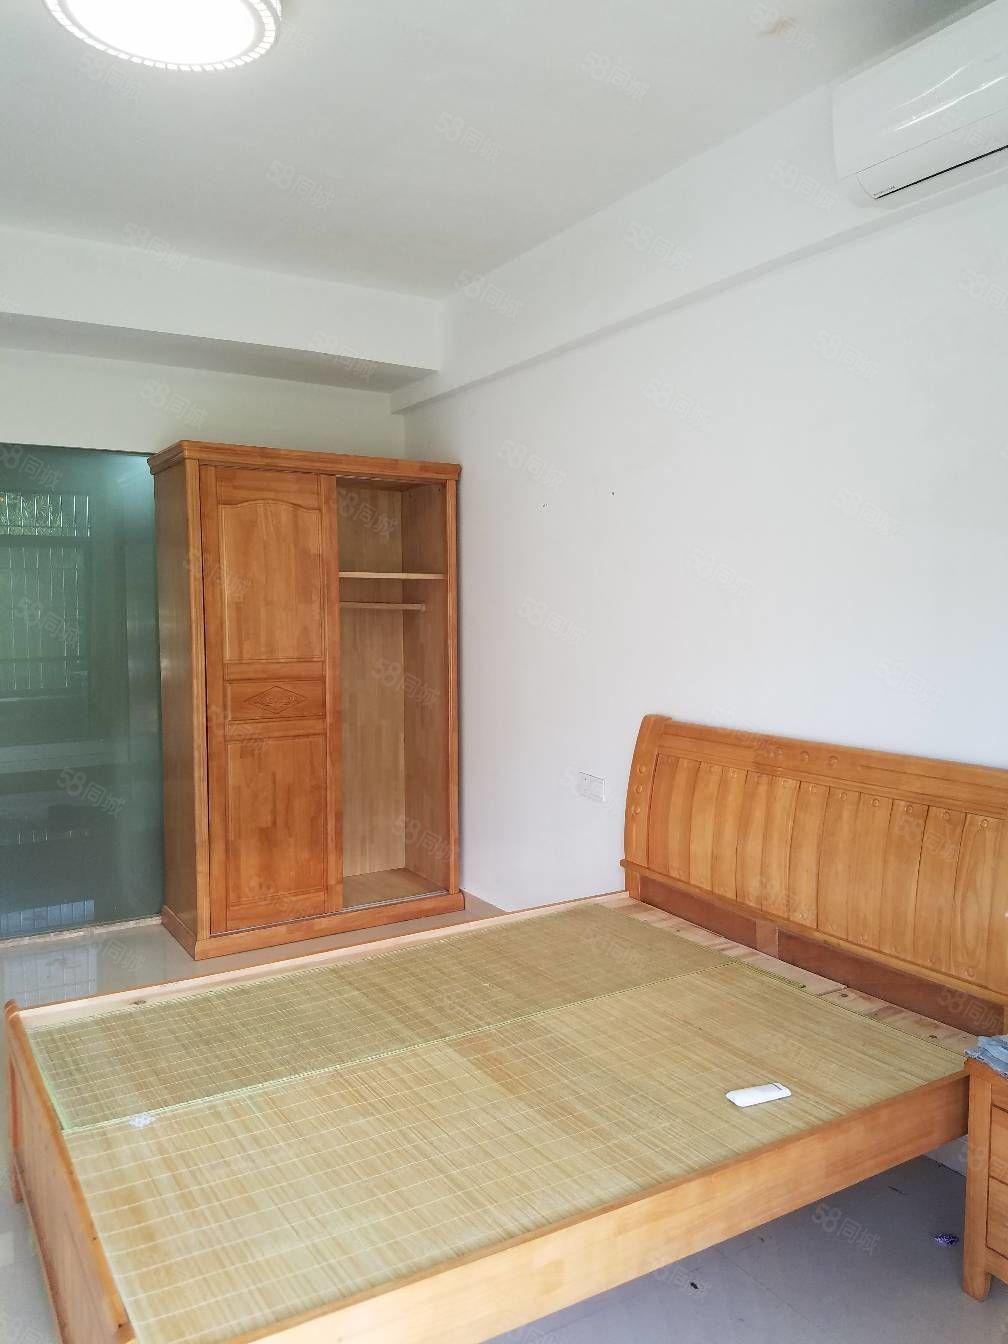 中国红南站旁塔山村民房有电梯单间带阳台居家出租设备齐全